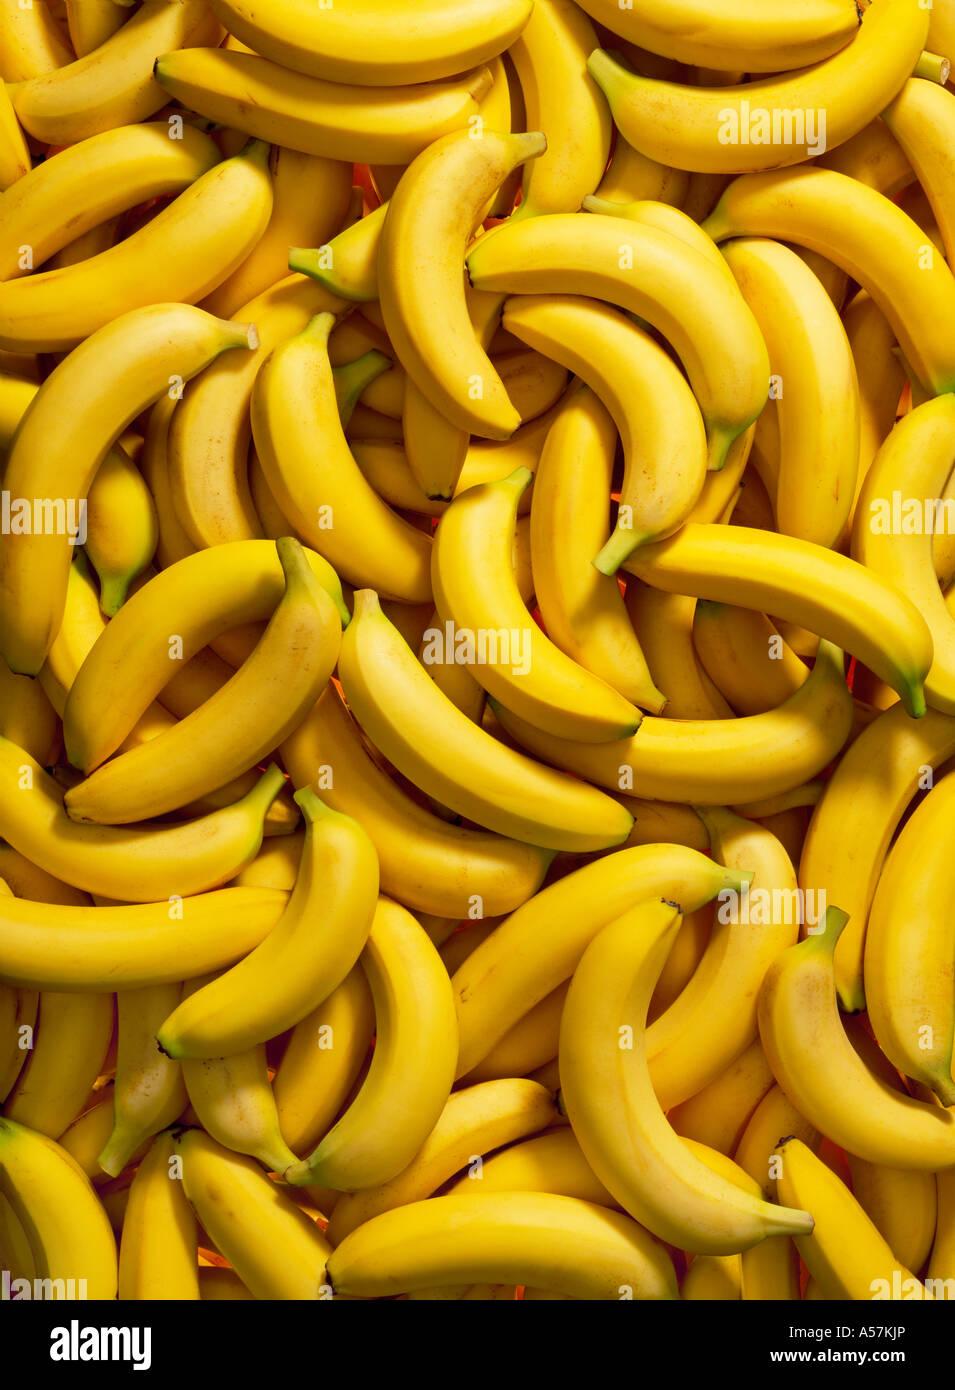 Ein Haufen von Bananen. Ideal als Hintergrund oder Hintergrund Stockbild